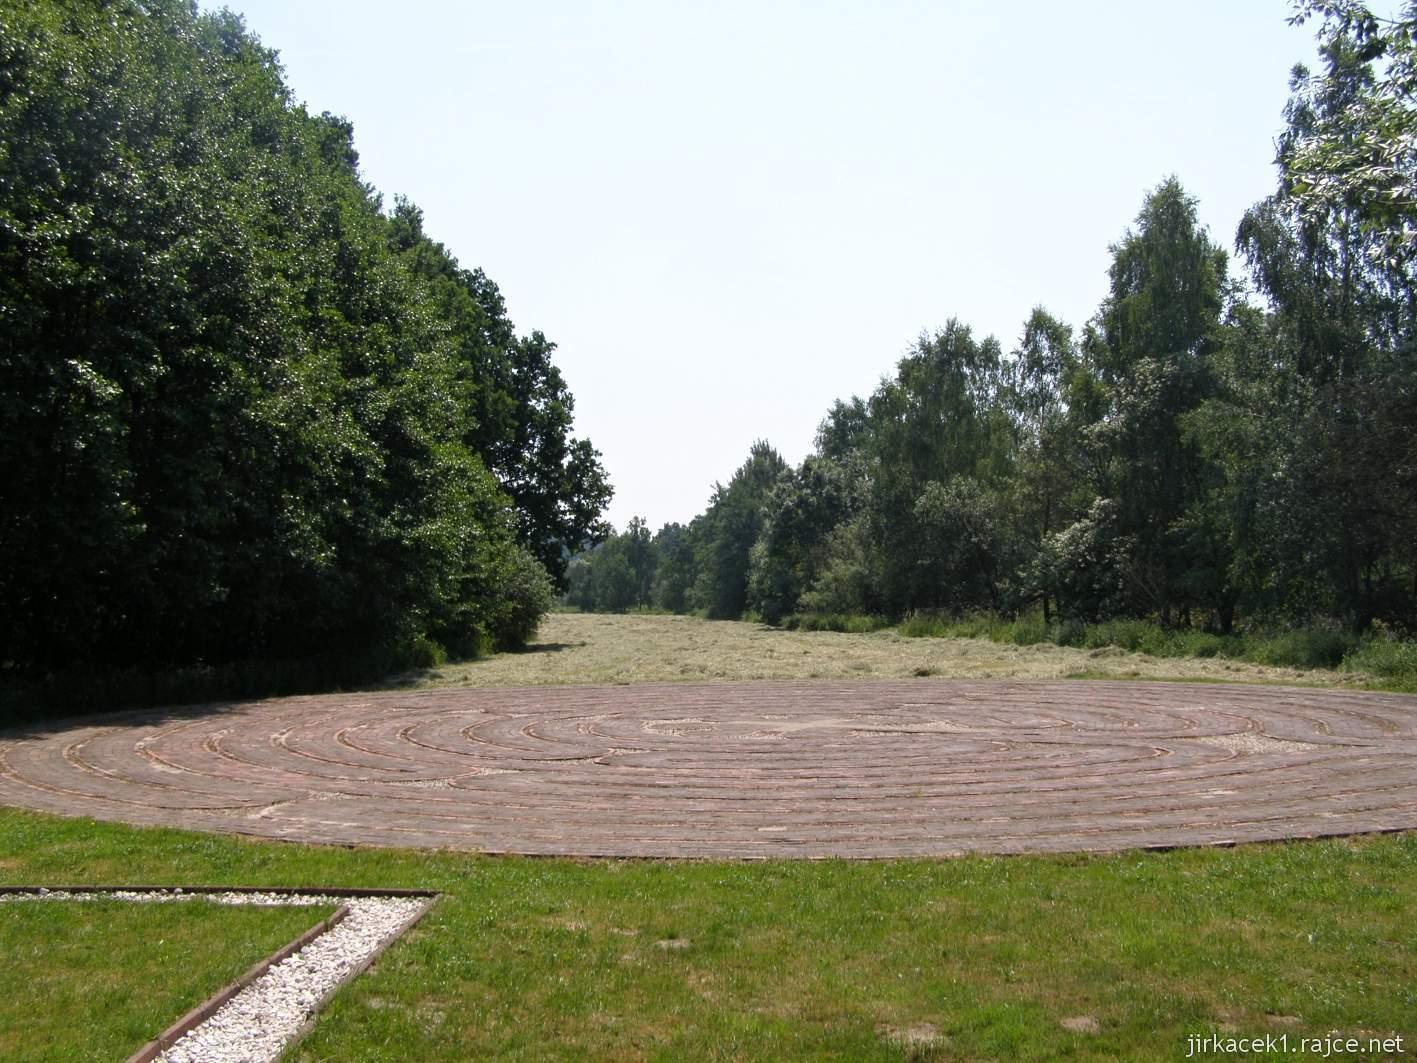 Bělá - Priessnitzovy přírodní lázně 11 - Křesťanský labyrint